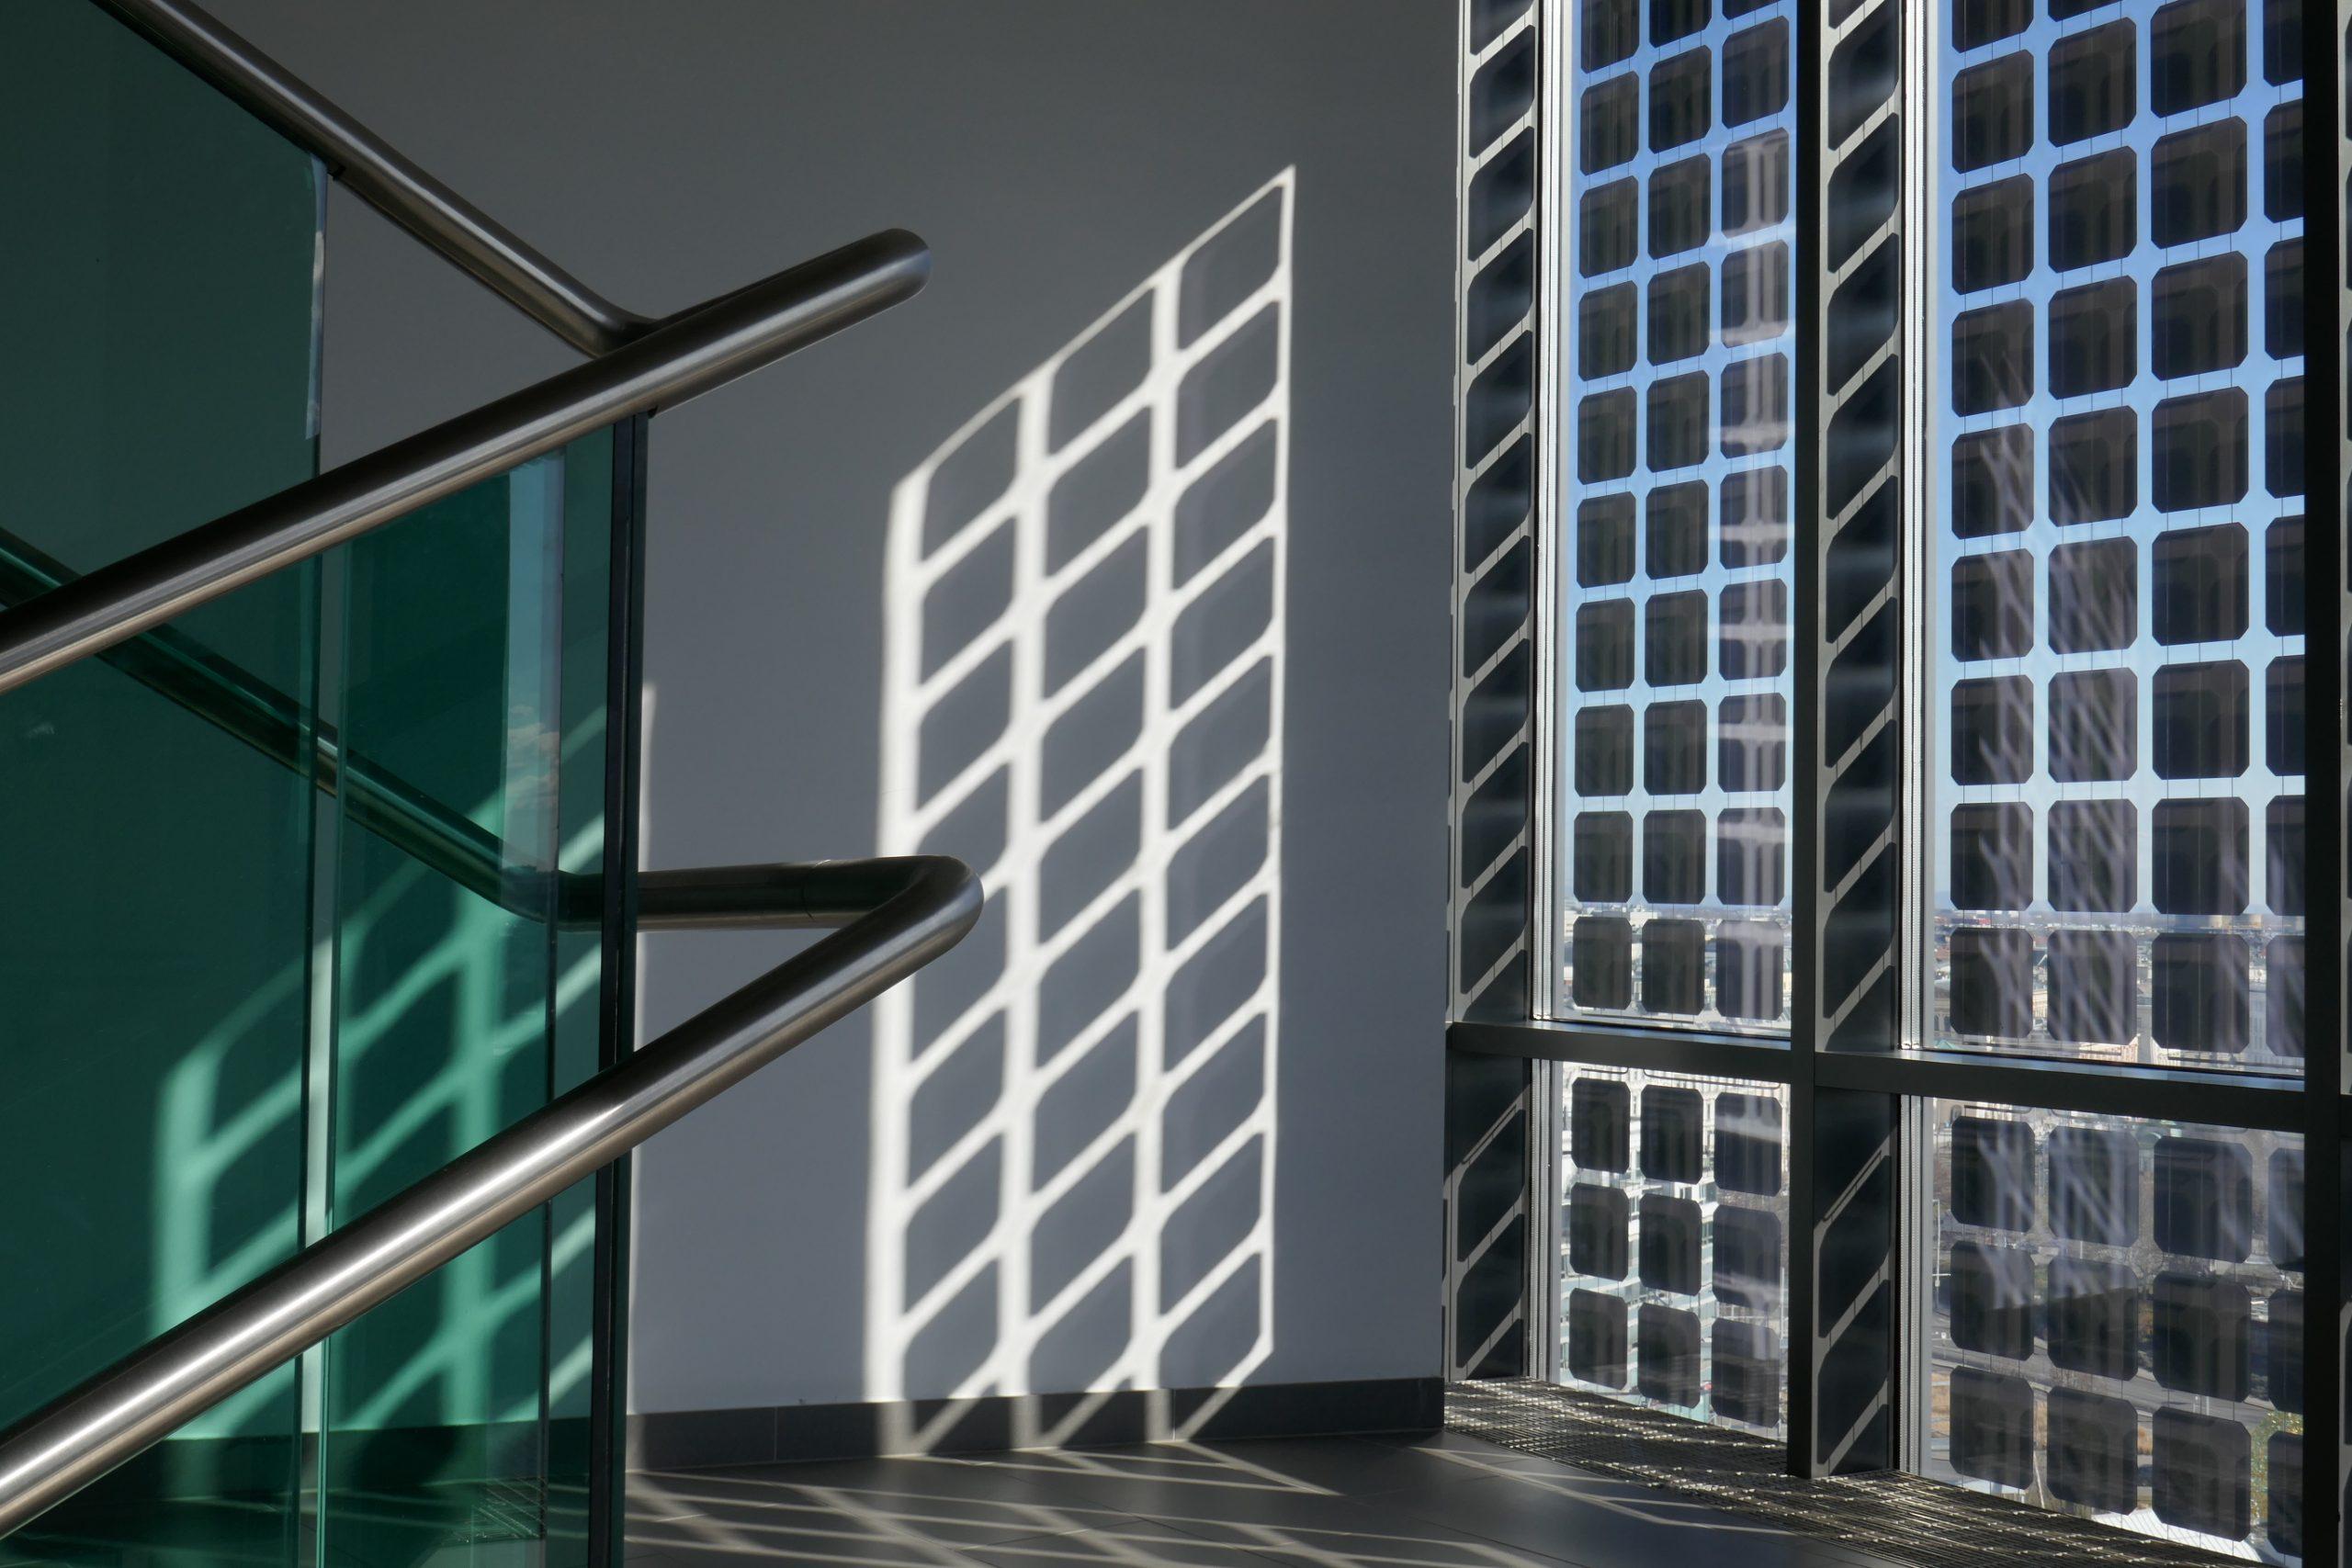 Bild im inneren eines nachhaltigen Gebäudes